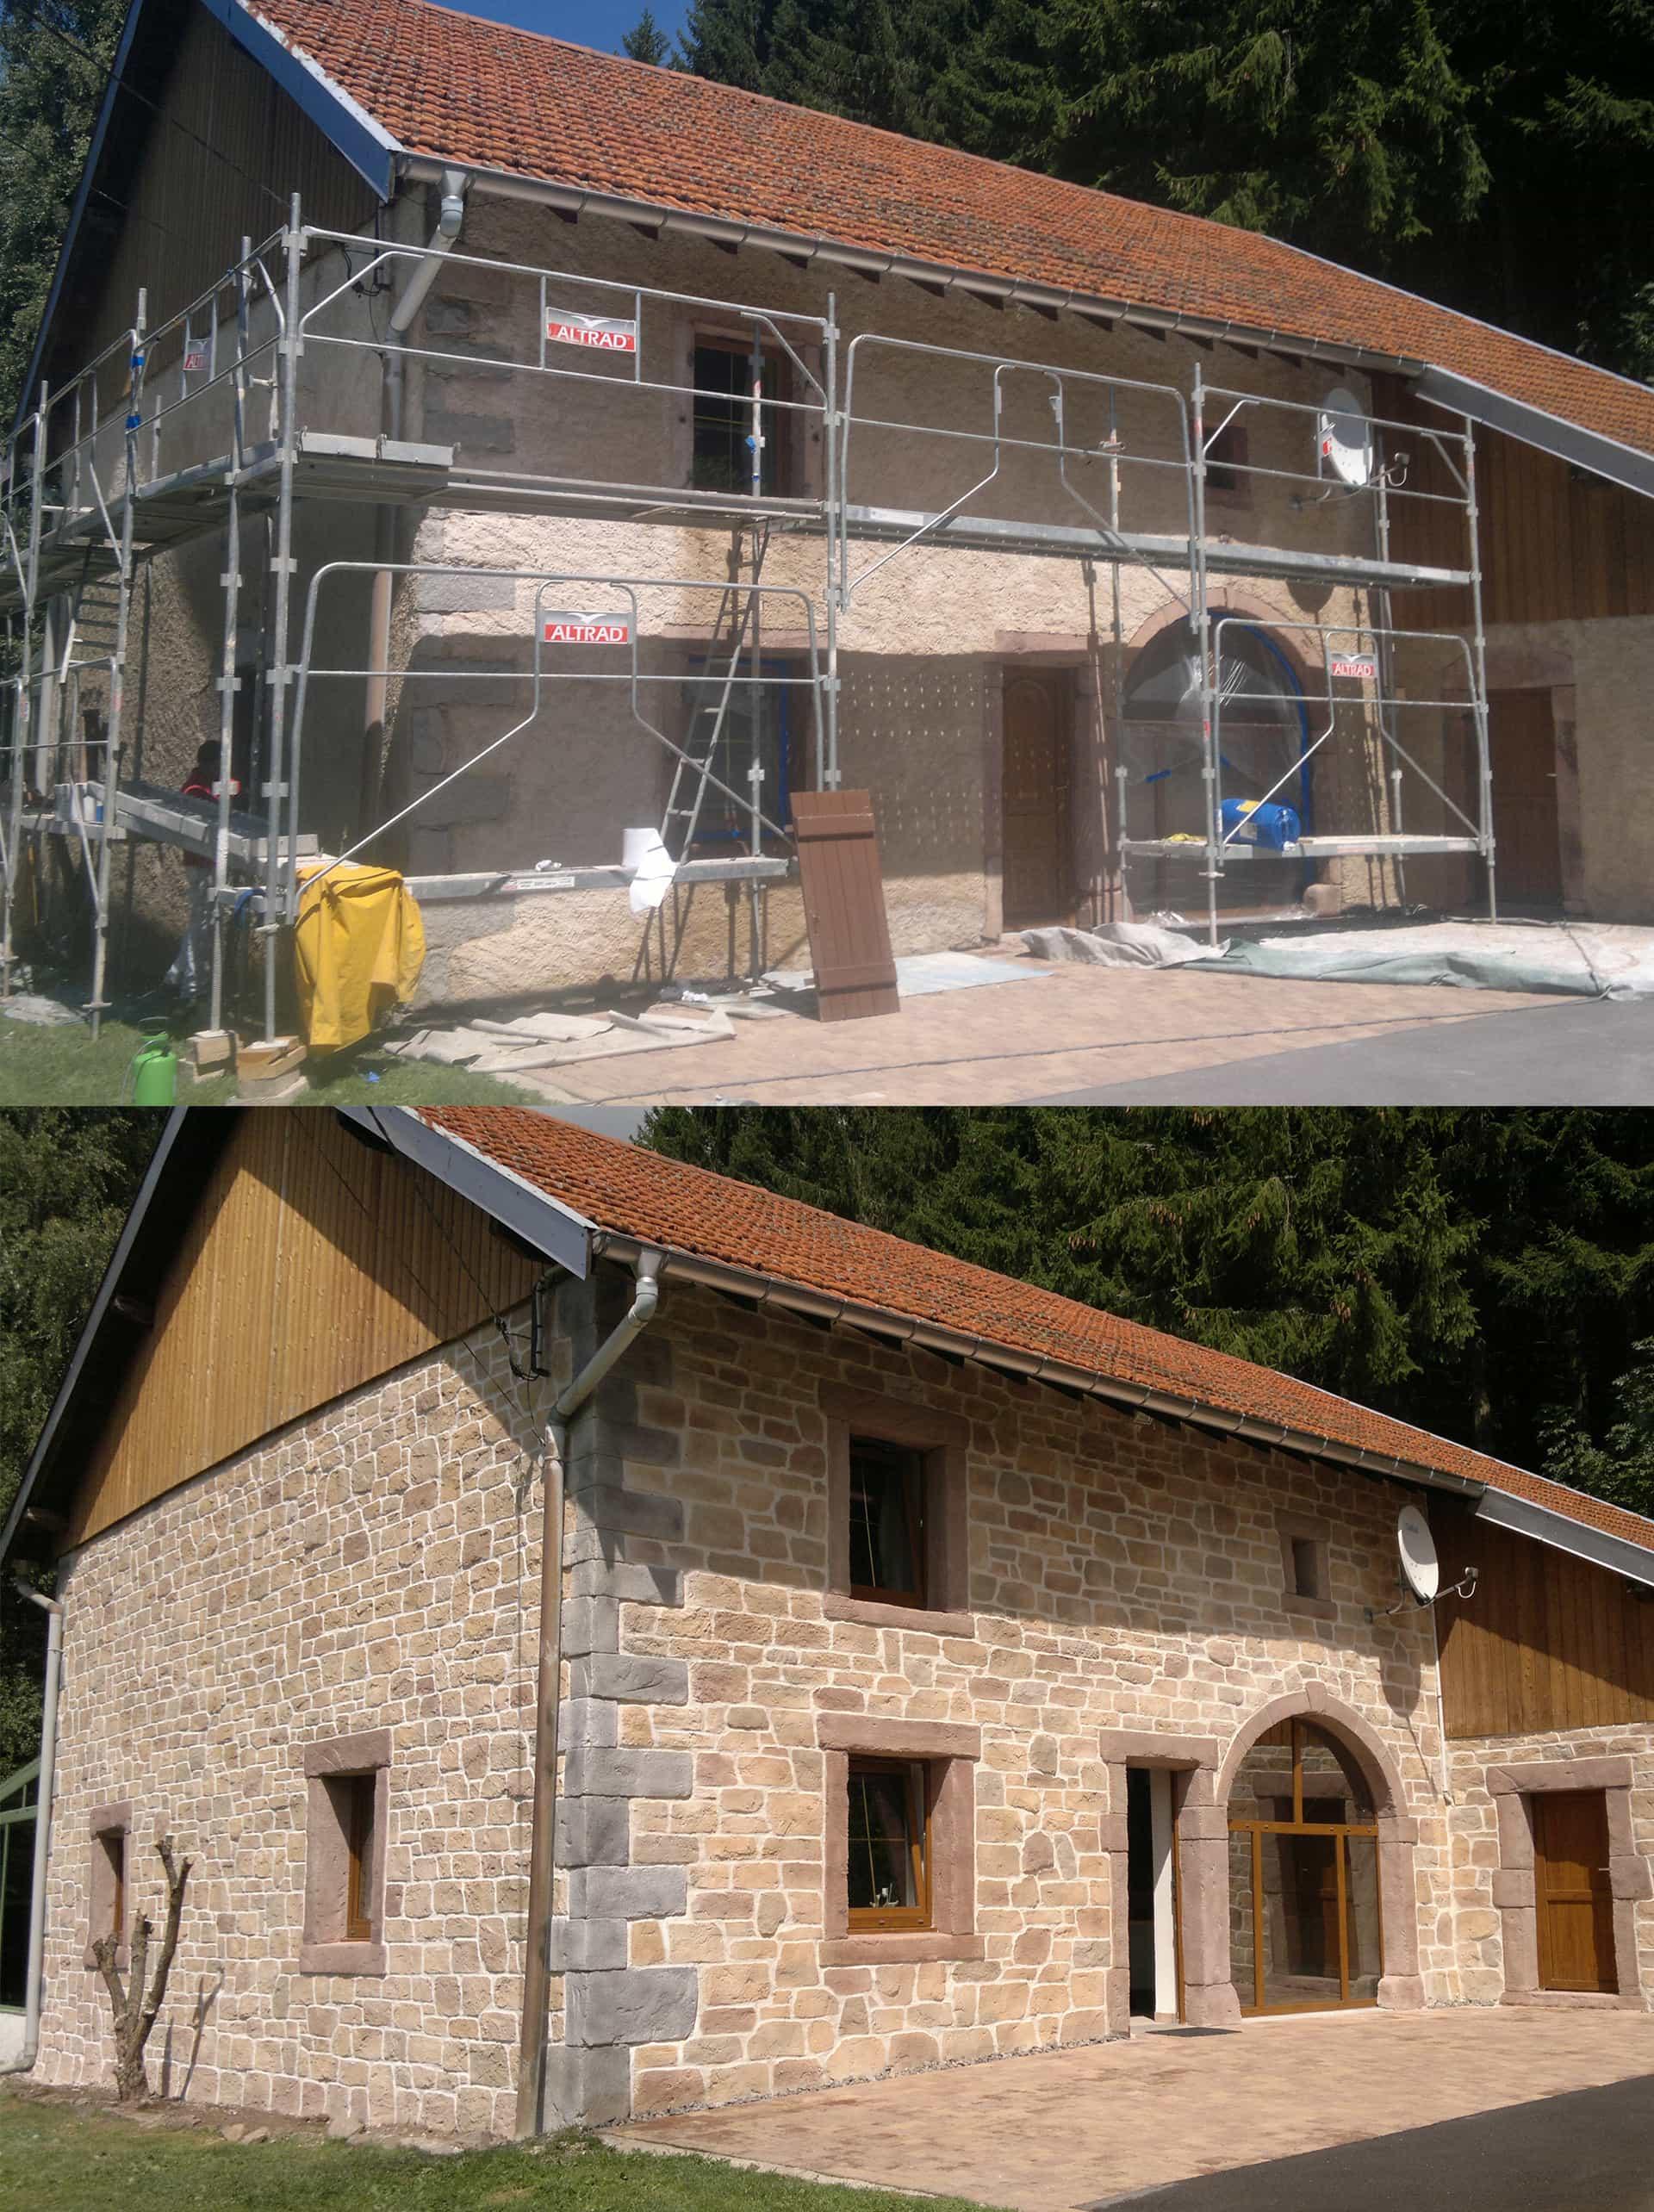 transformation de maison par l'entreprise jhg deco imitation de la pierre en lorraine